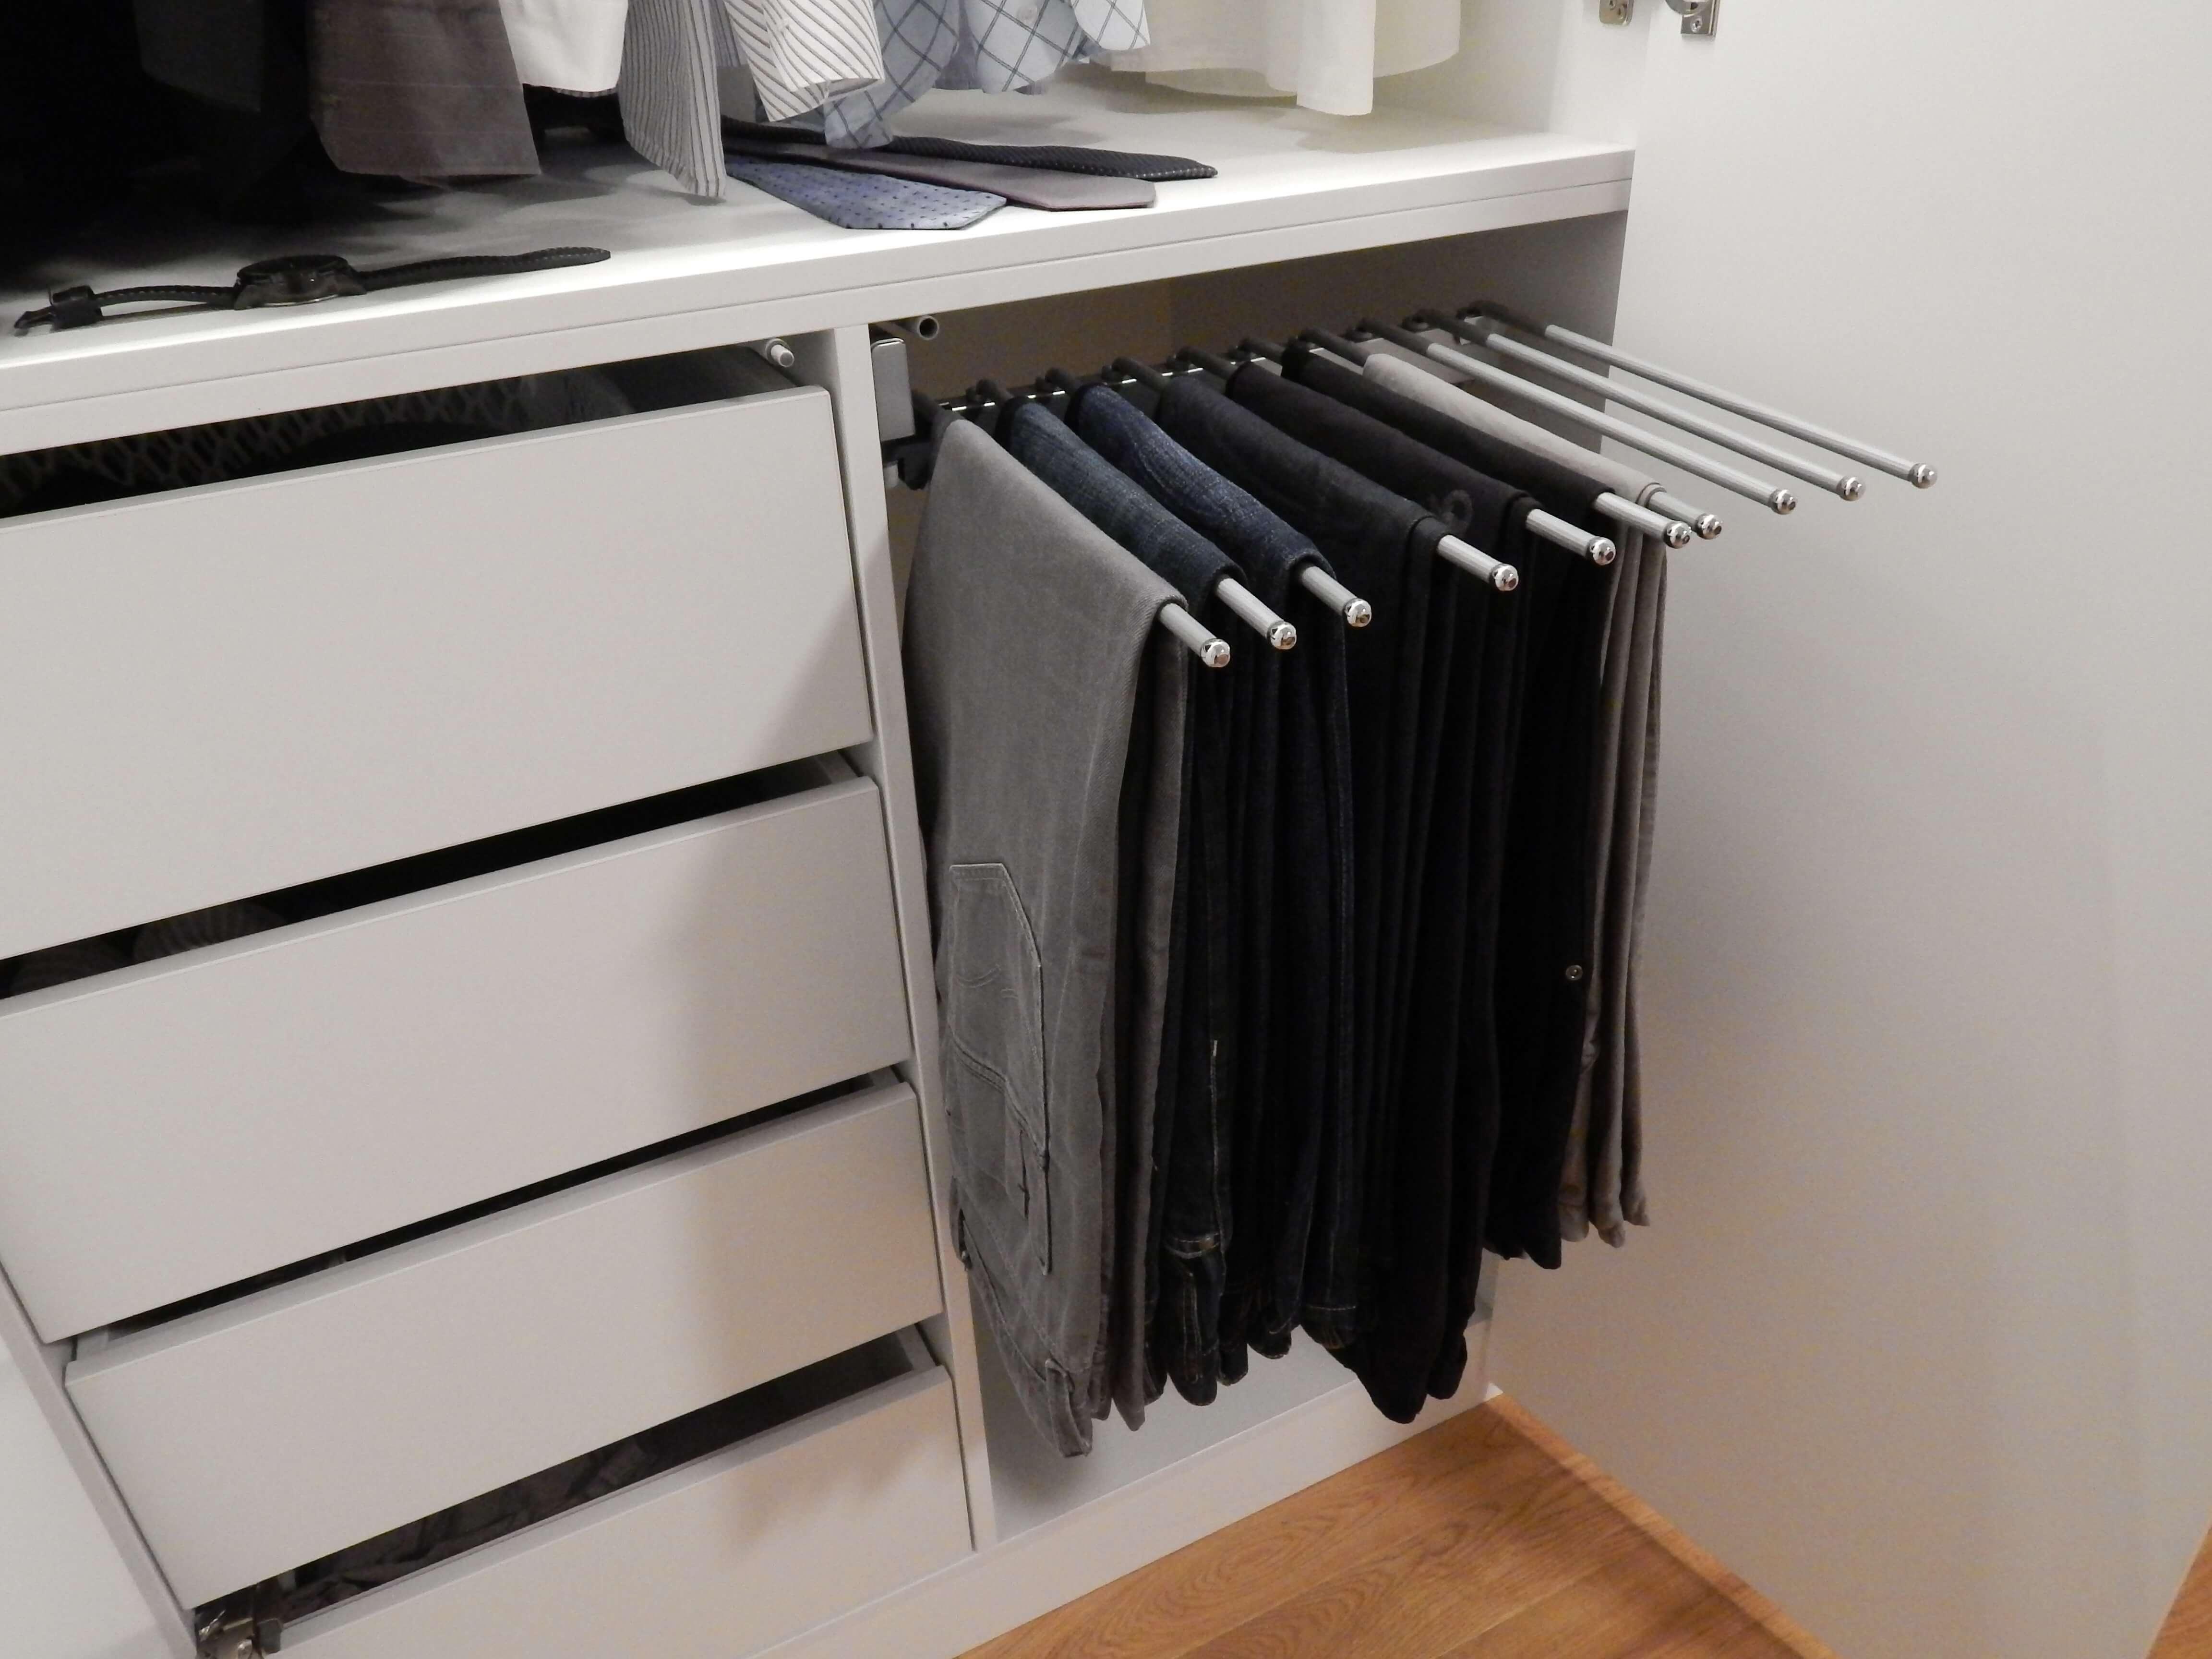 garderobna omara po meri obešalnik za hlače